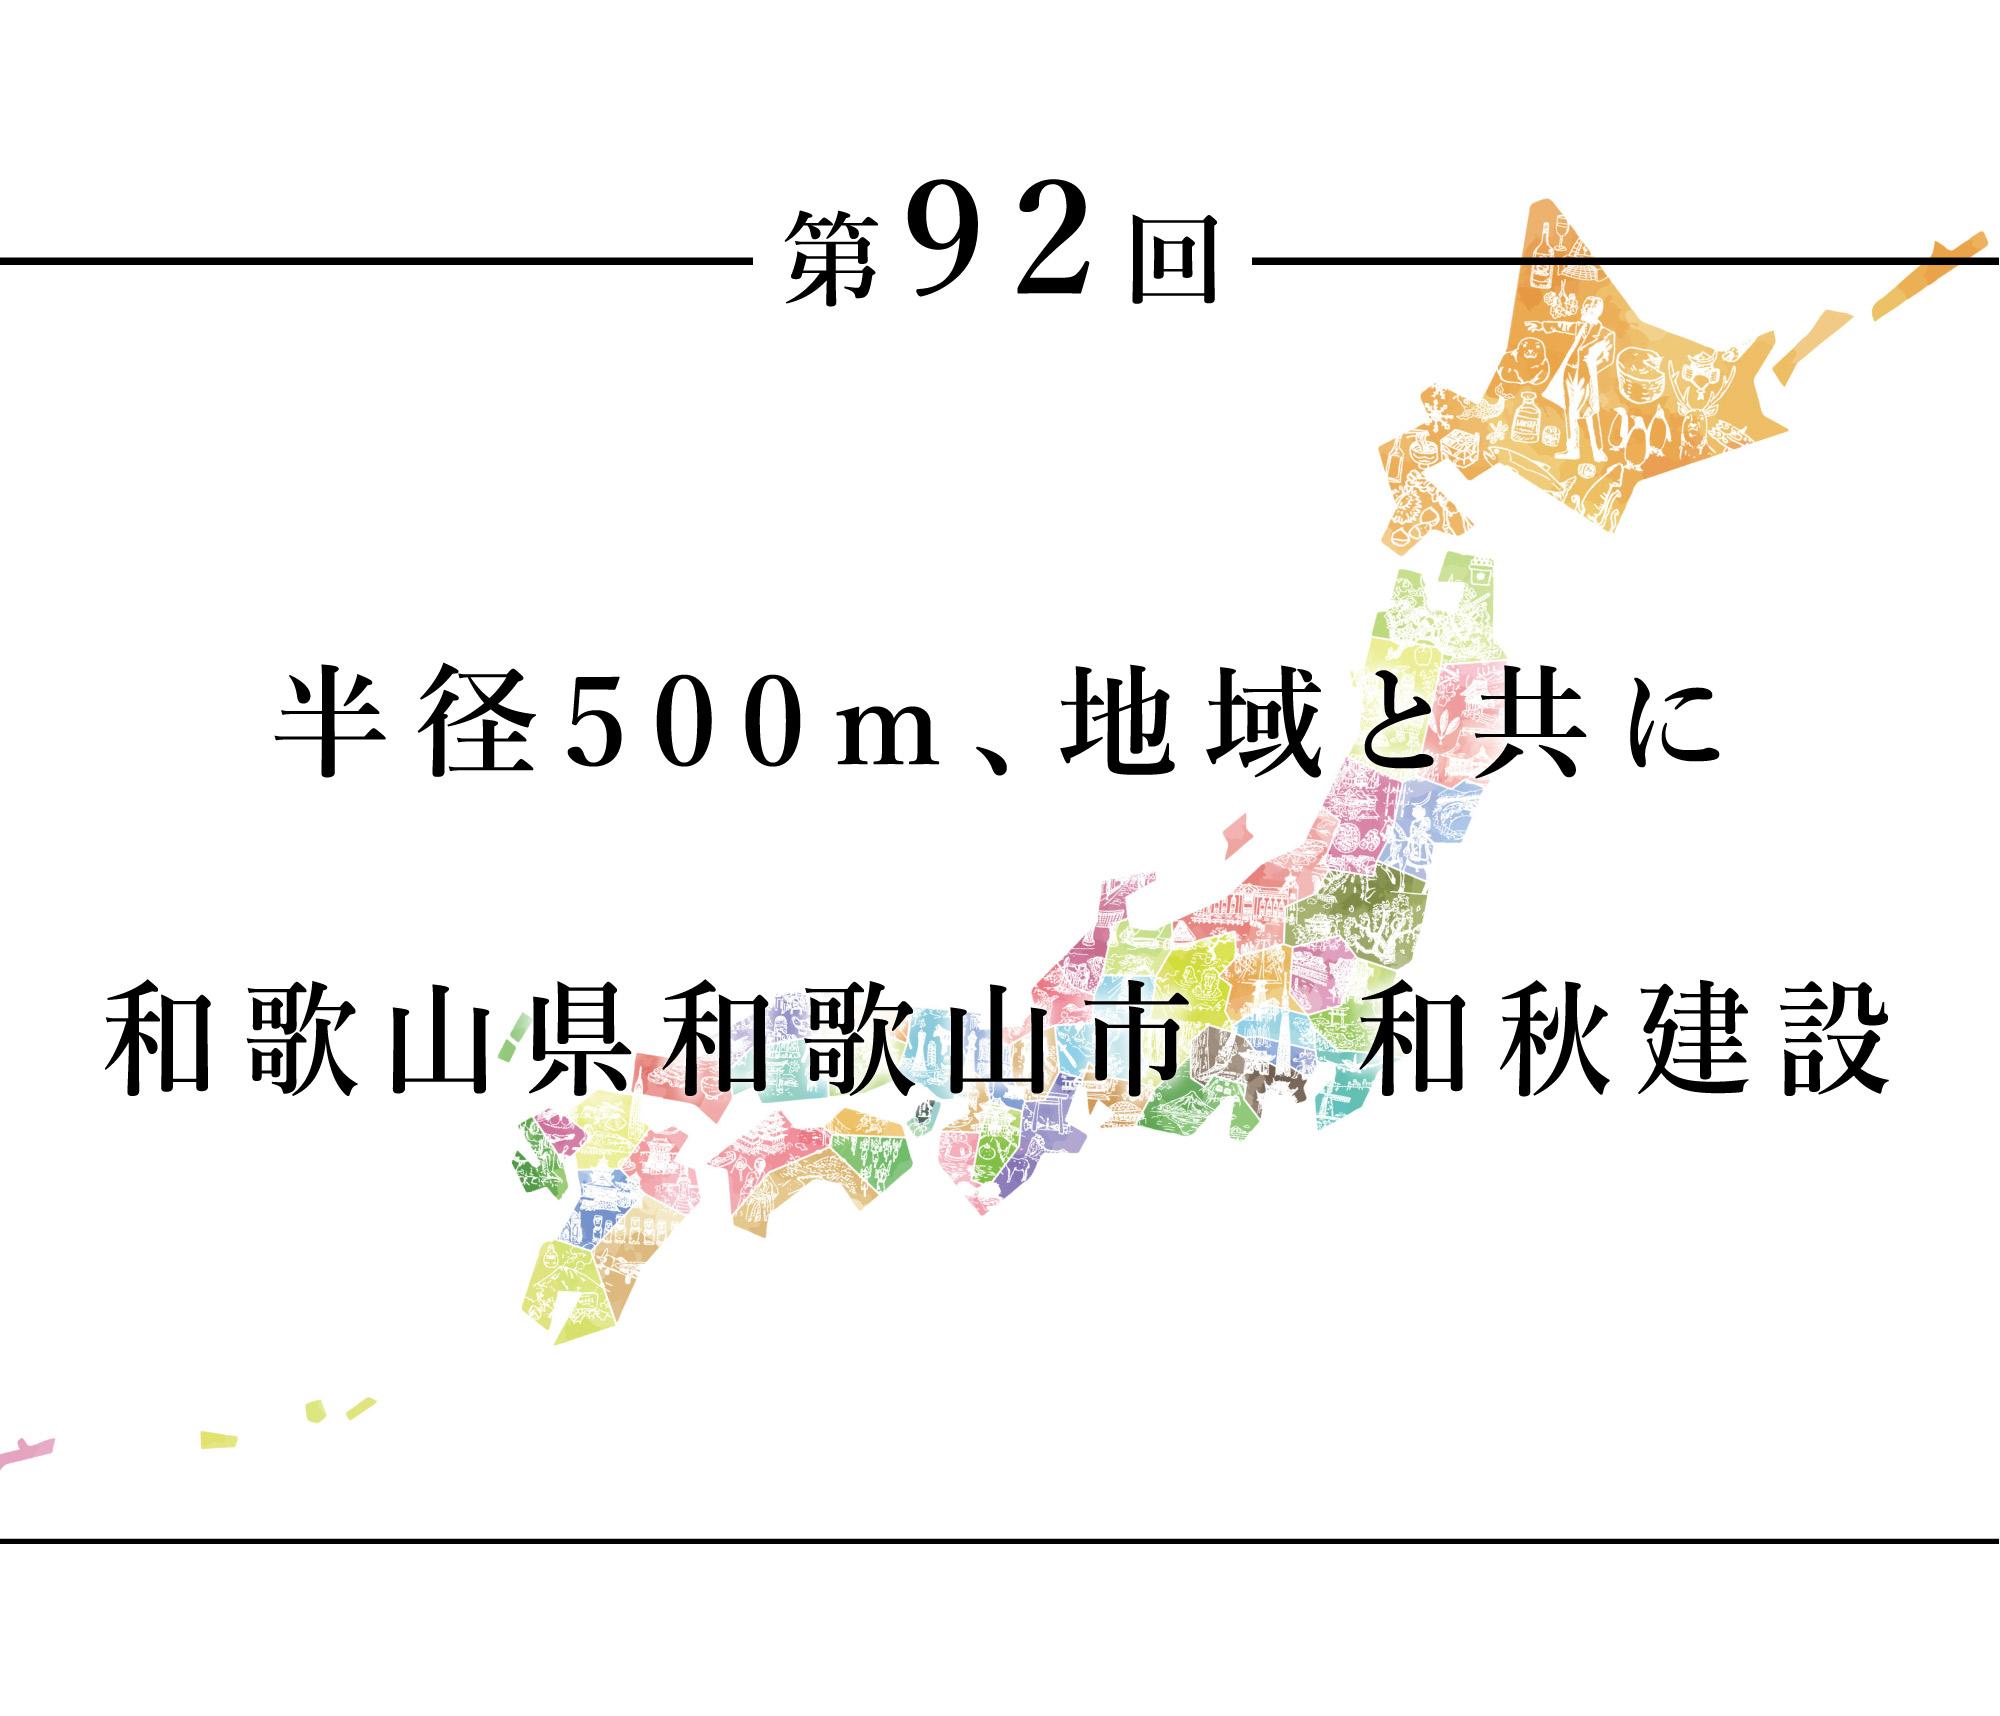 ちいきのたより第92回半径500m、地域と共に和歌山県和歌山市 和秋建設